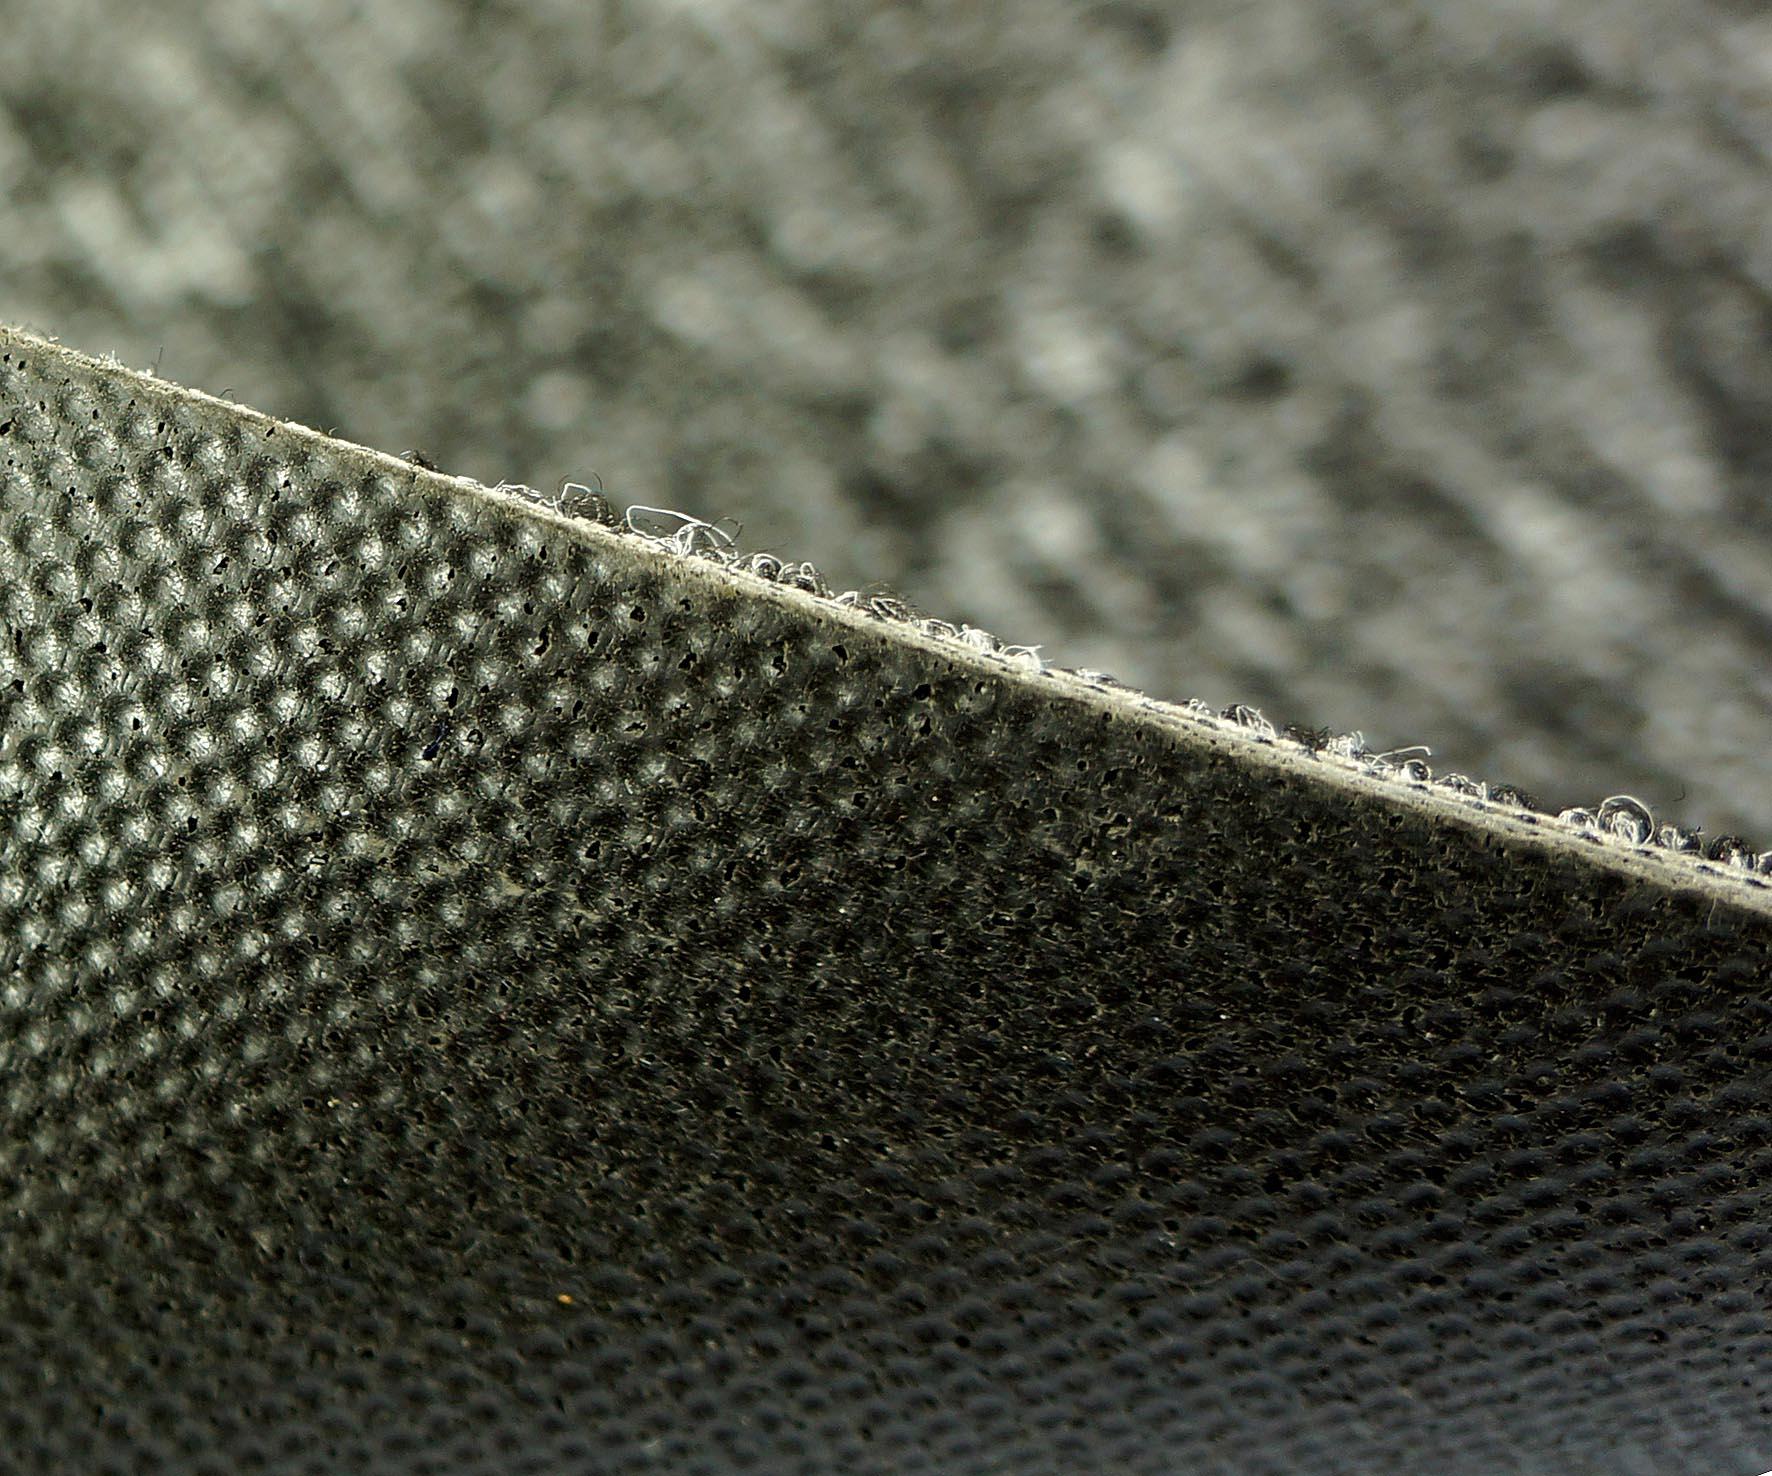 50 50 durable moquette living room carpet tile for Durable carpet for family room